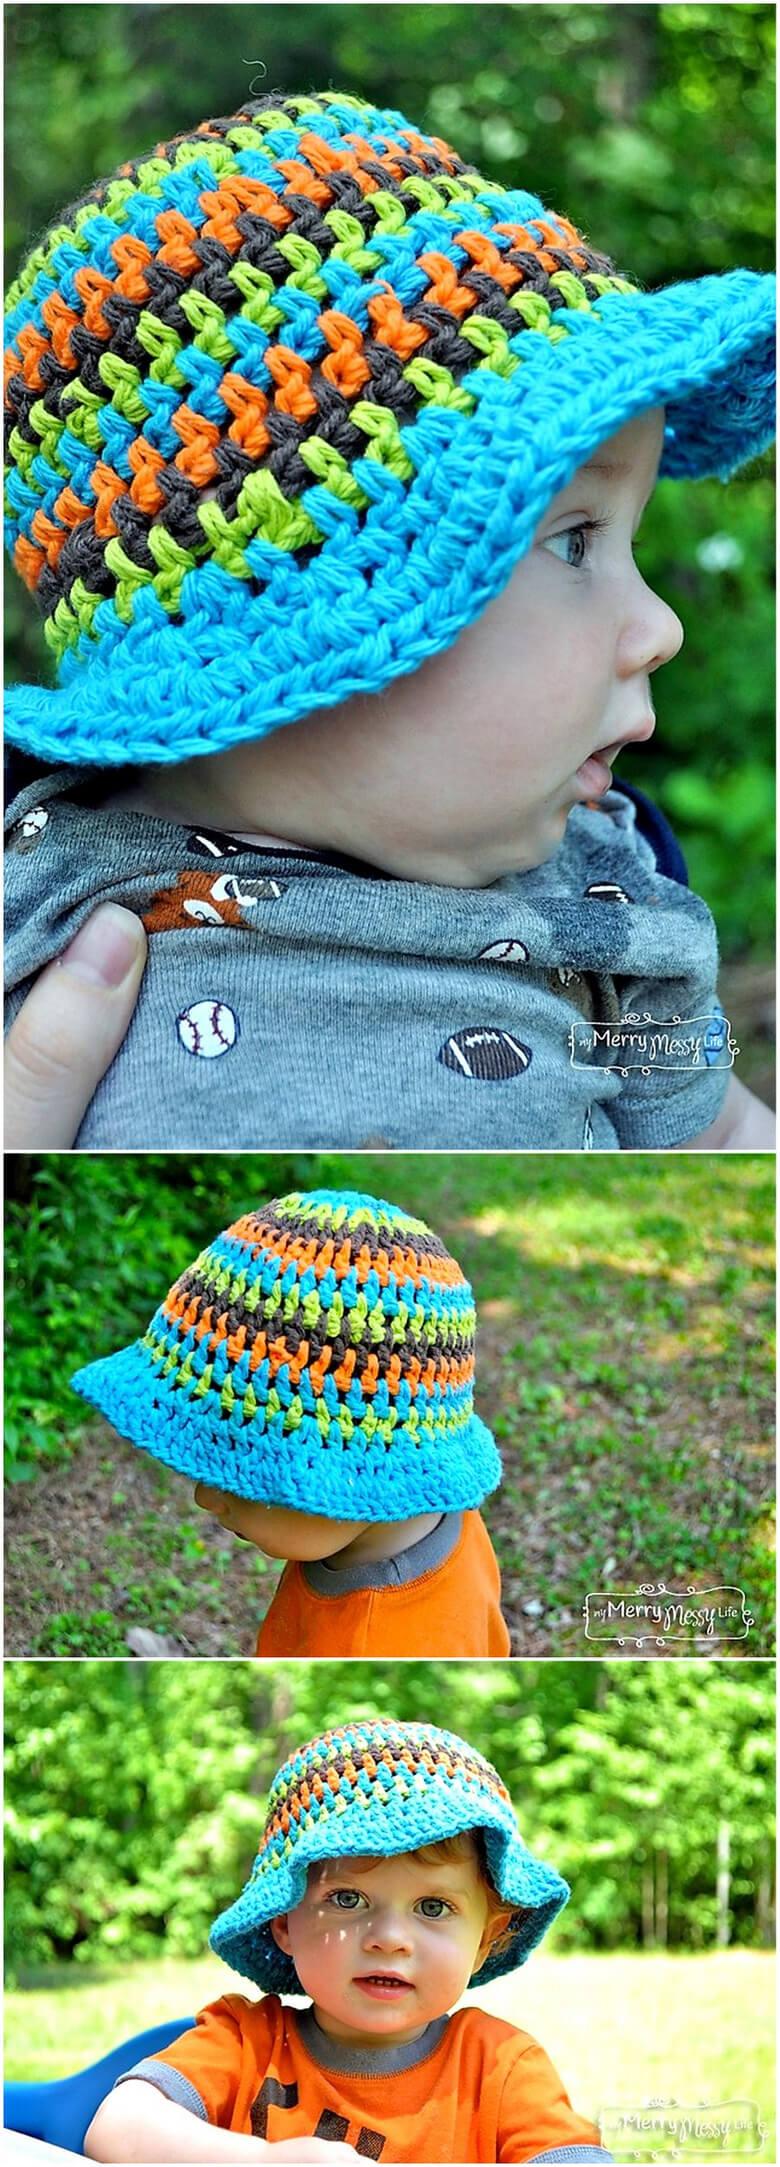 Crochet Sun Hat Free Patterns For Kids 1001 Crochet